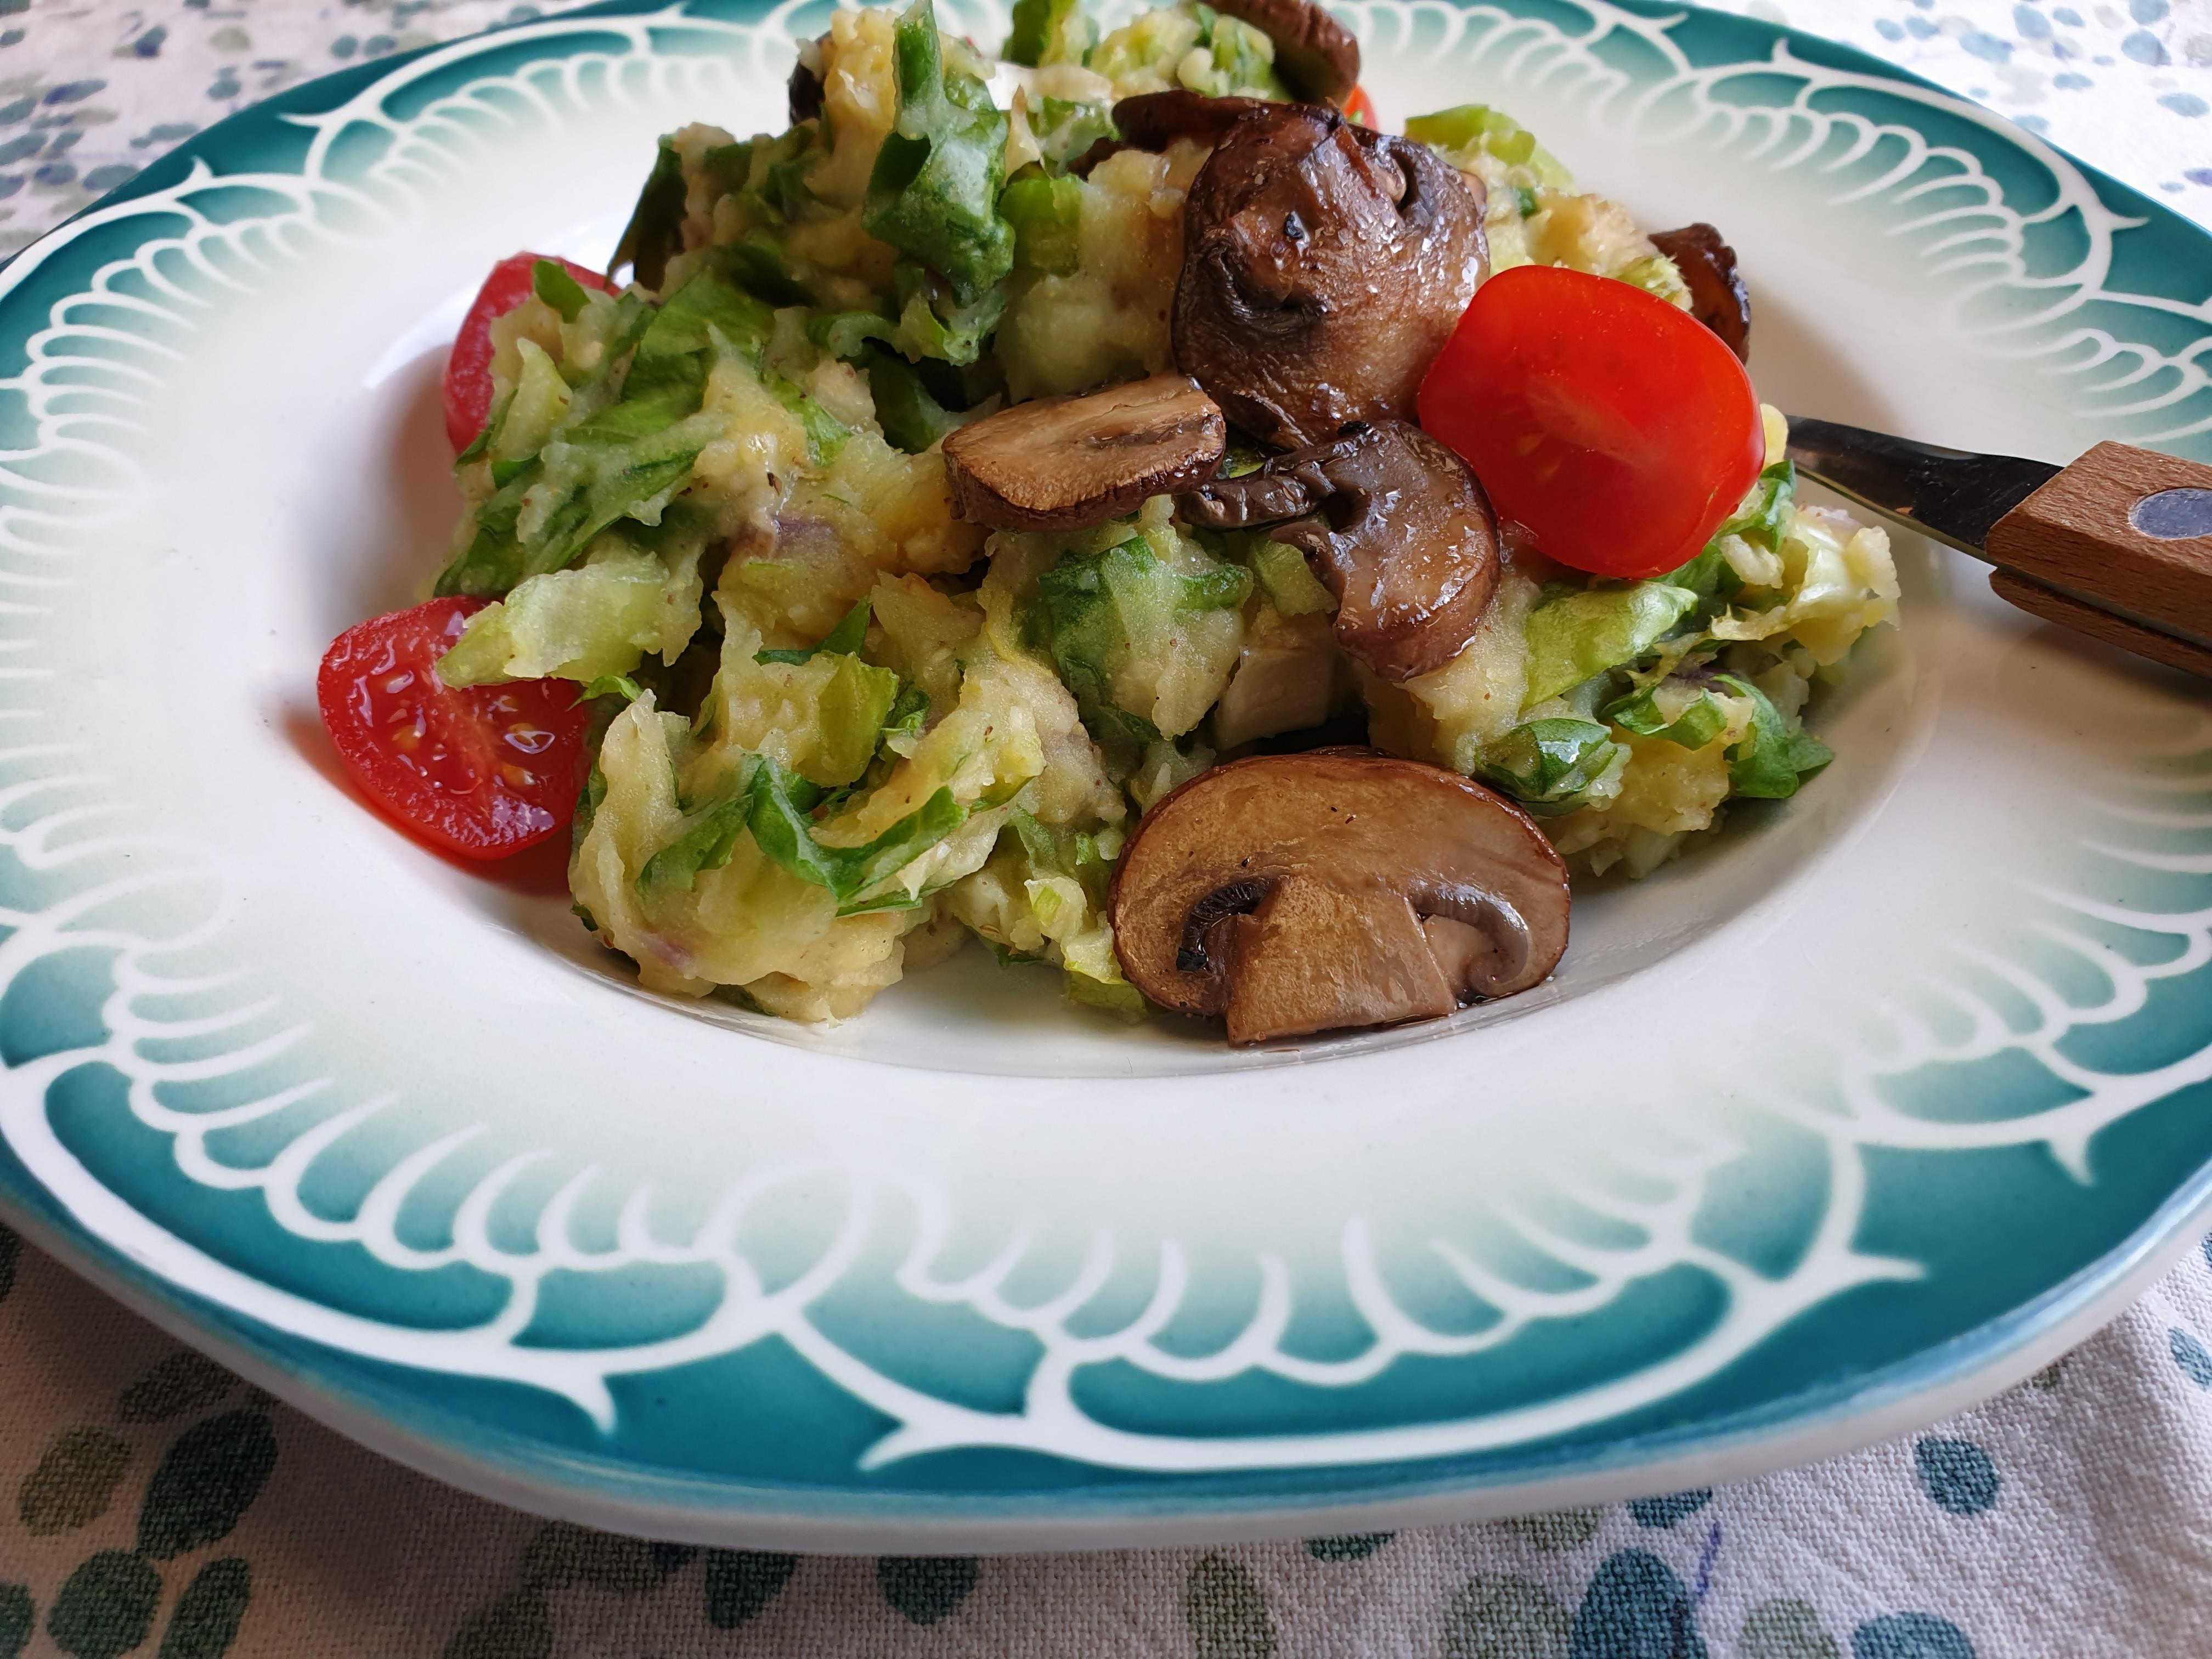 vegan stamppot andijvie met gebakken champignons en tomaatjes